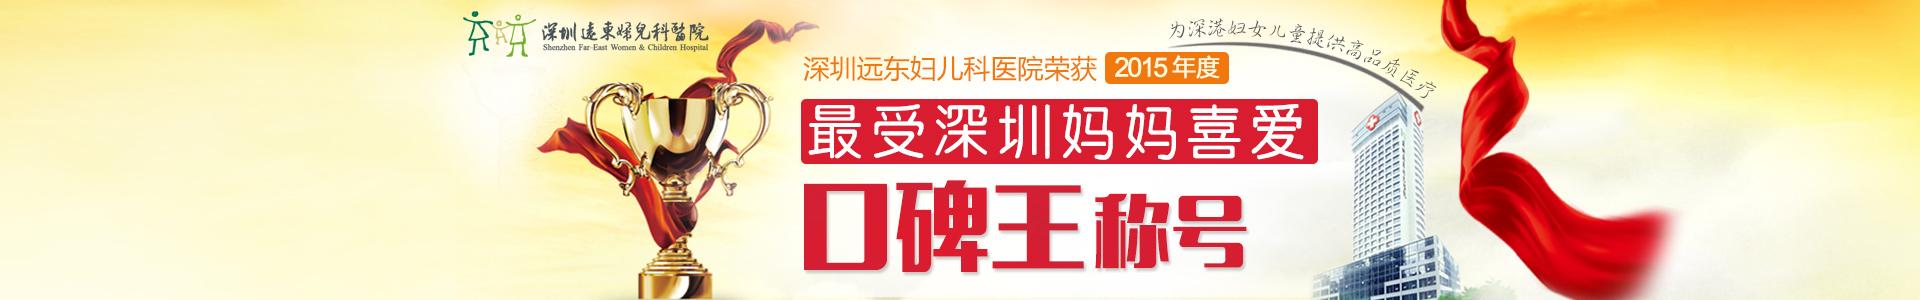 """远东医院荣获""""最受深圳妈妈喜爱口碑王""""称号"""